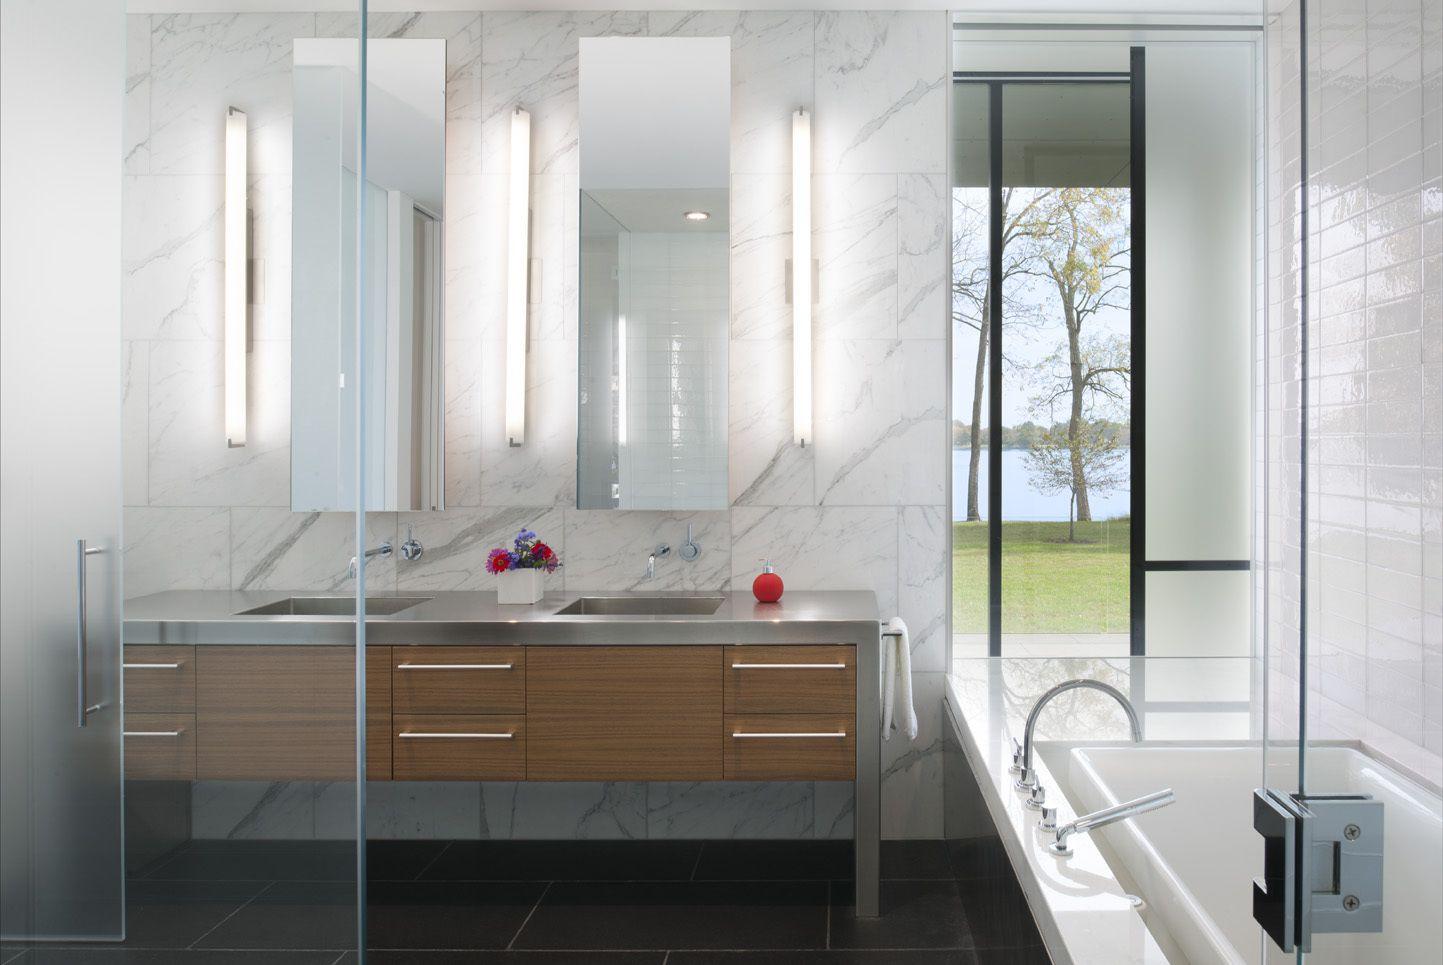 tred-avon-river-house-robert-m-gurney-architect_mackenzie-gurney-guttmanresidence-22